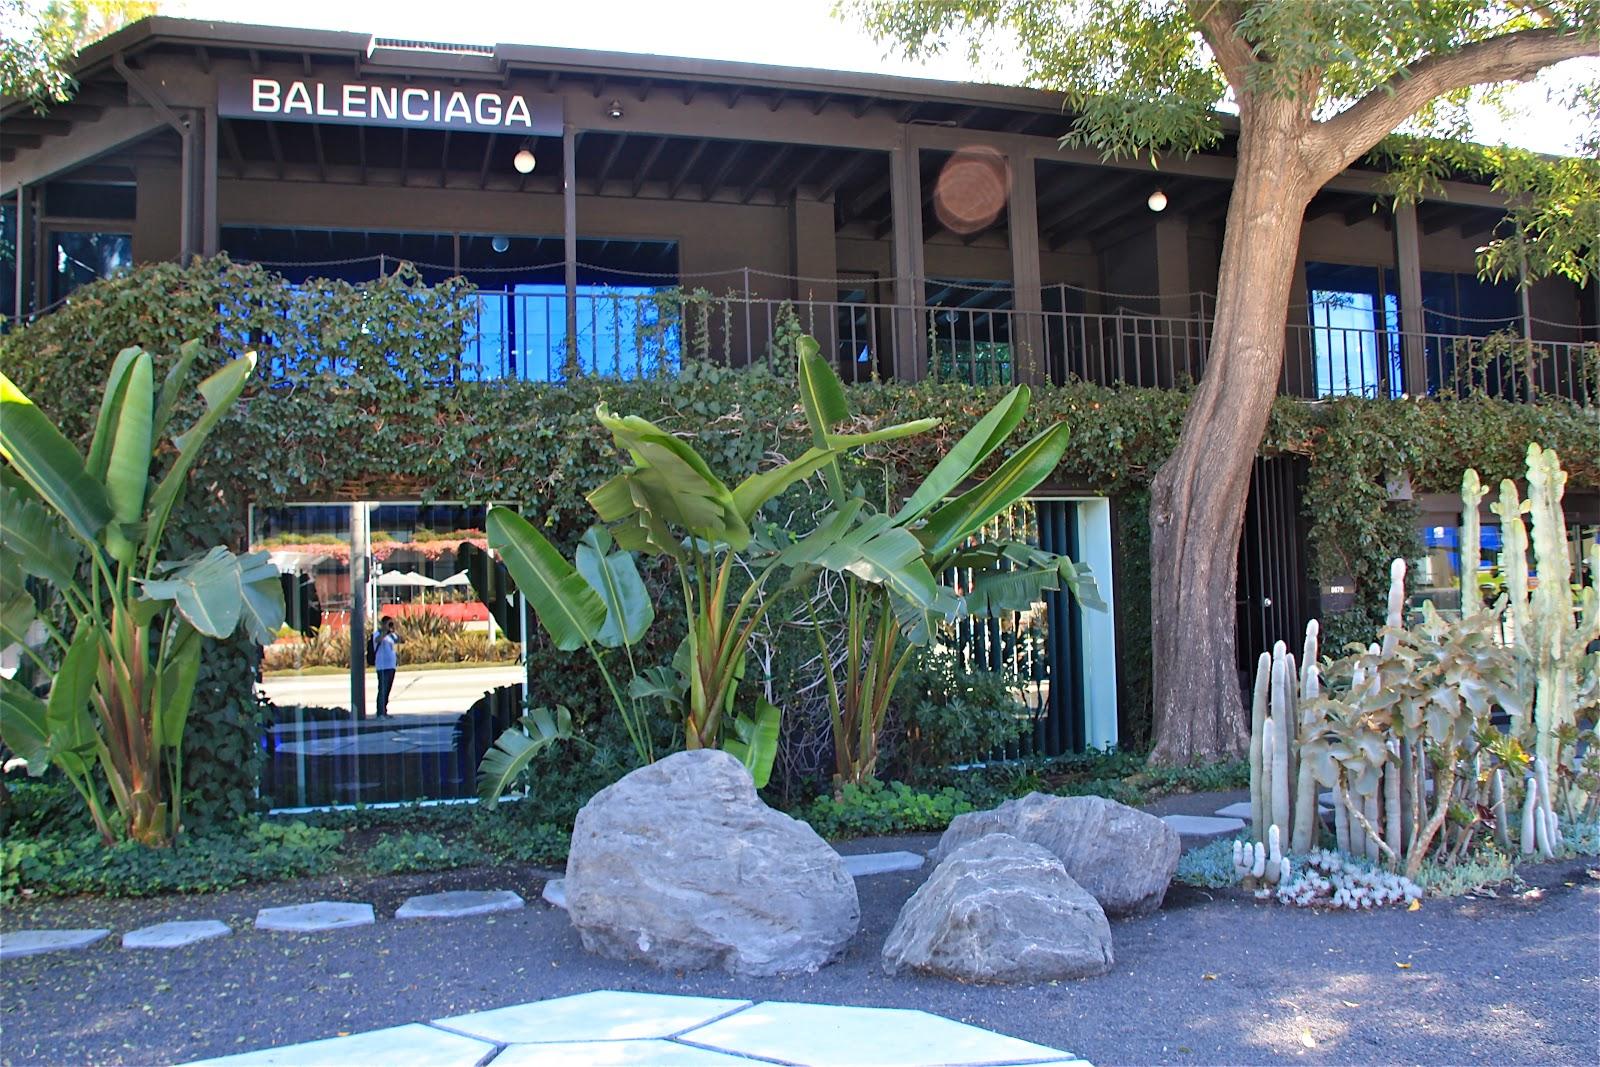 El muro vegetal jard n de balenciaga los angeles - Jardines con cactus y piedras ...